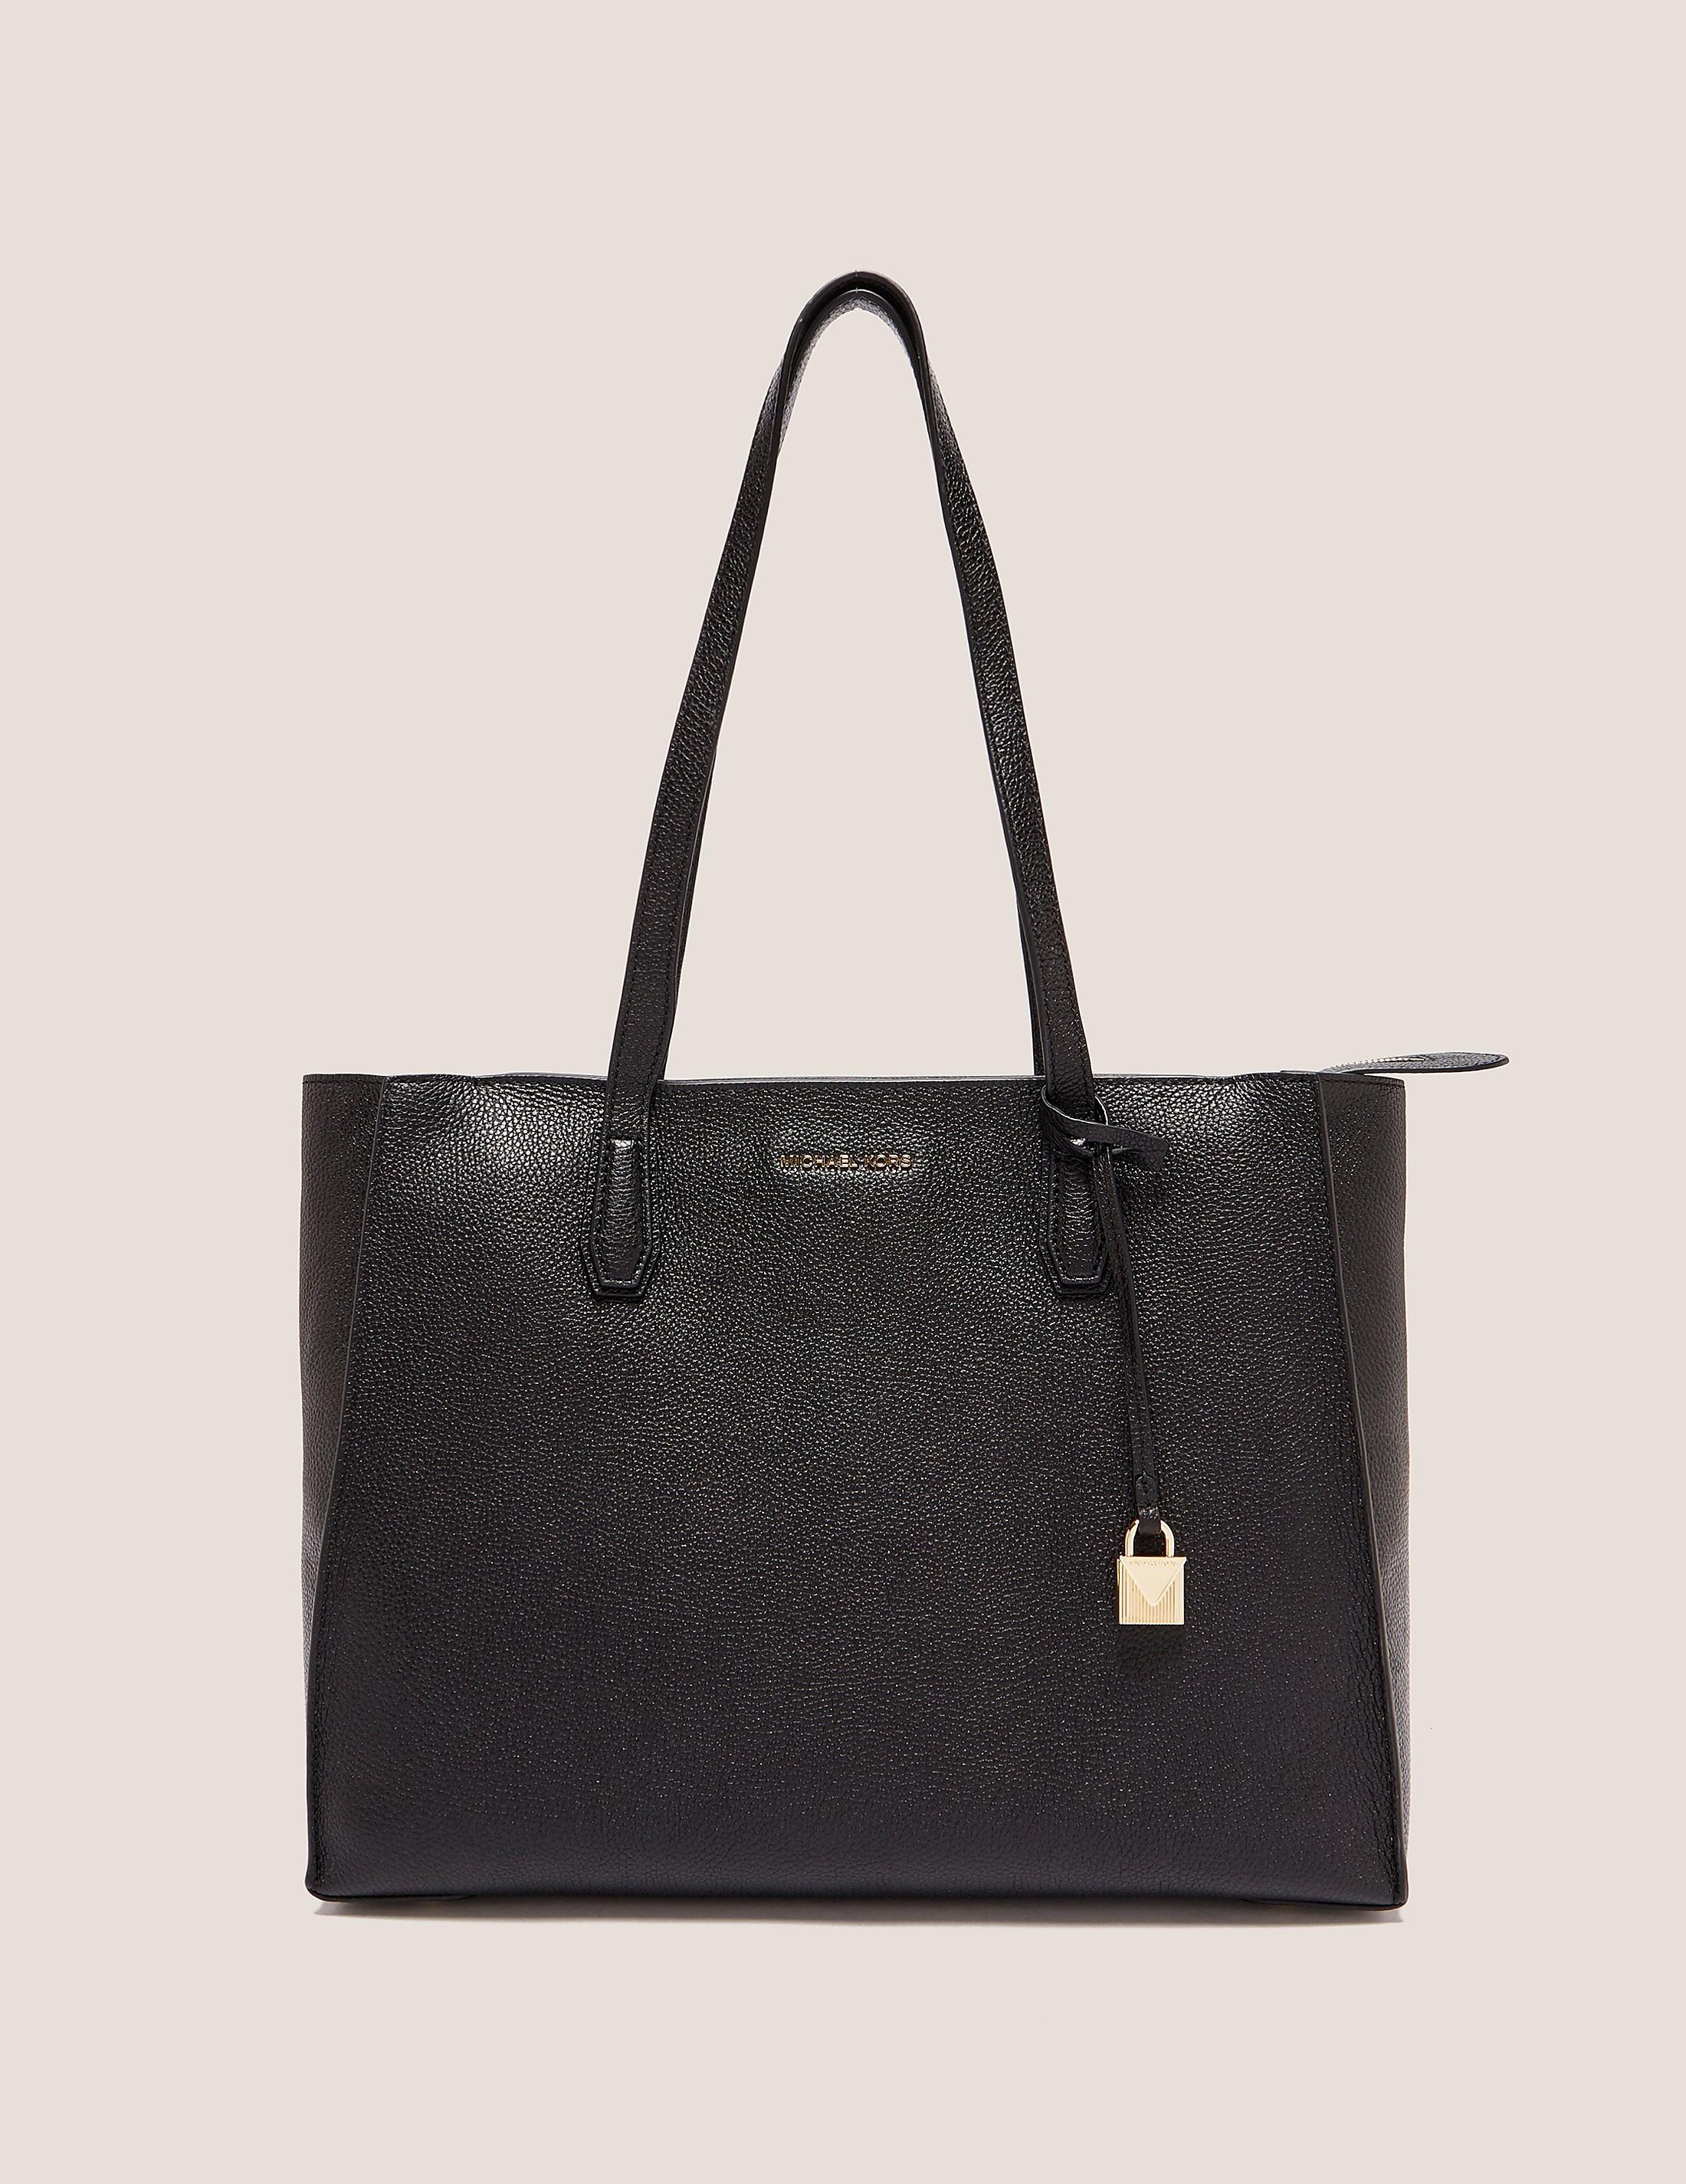 Michael Kors Mercer Top Zip Tote Bag